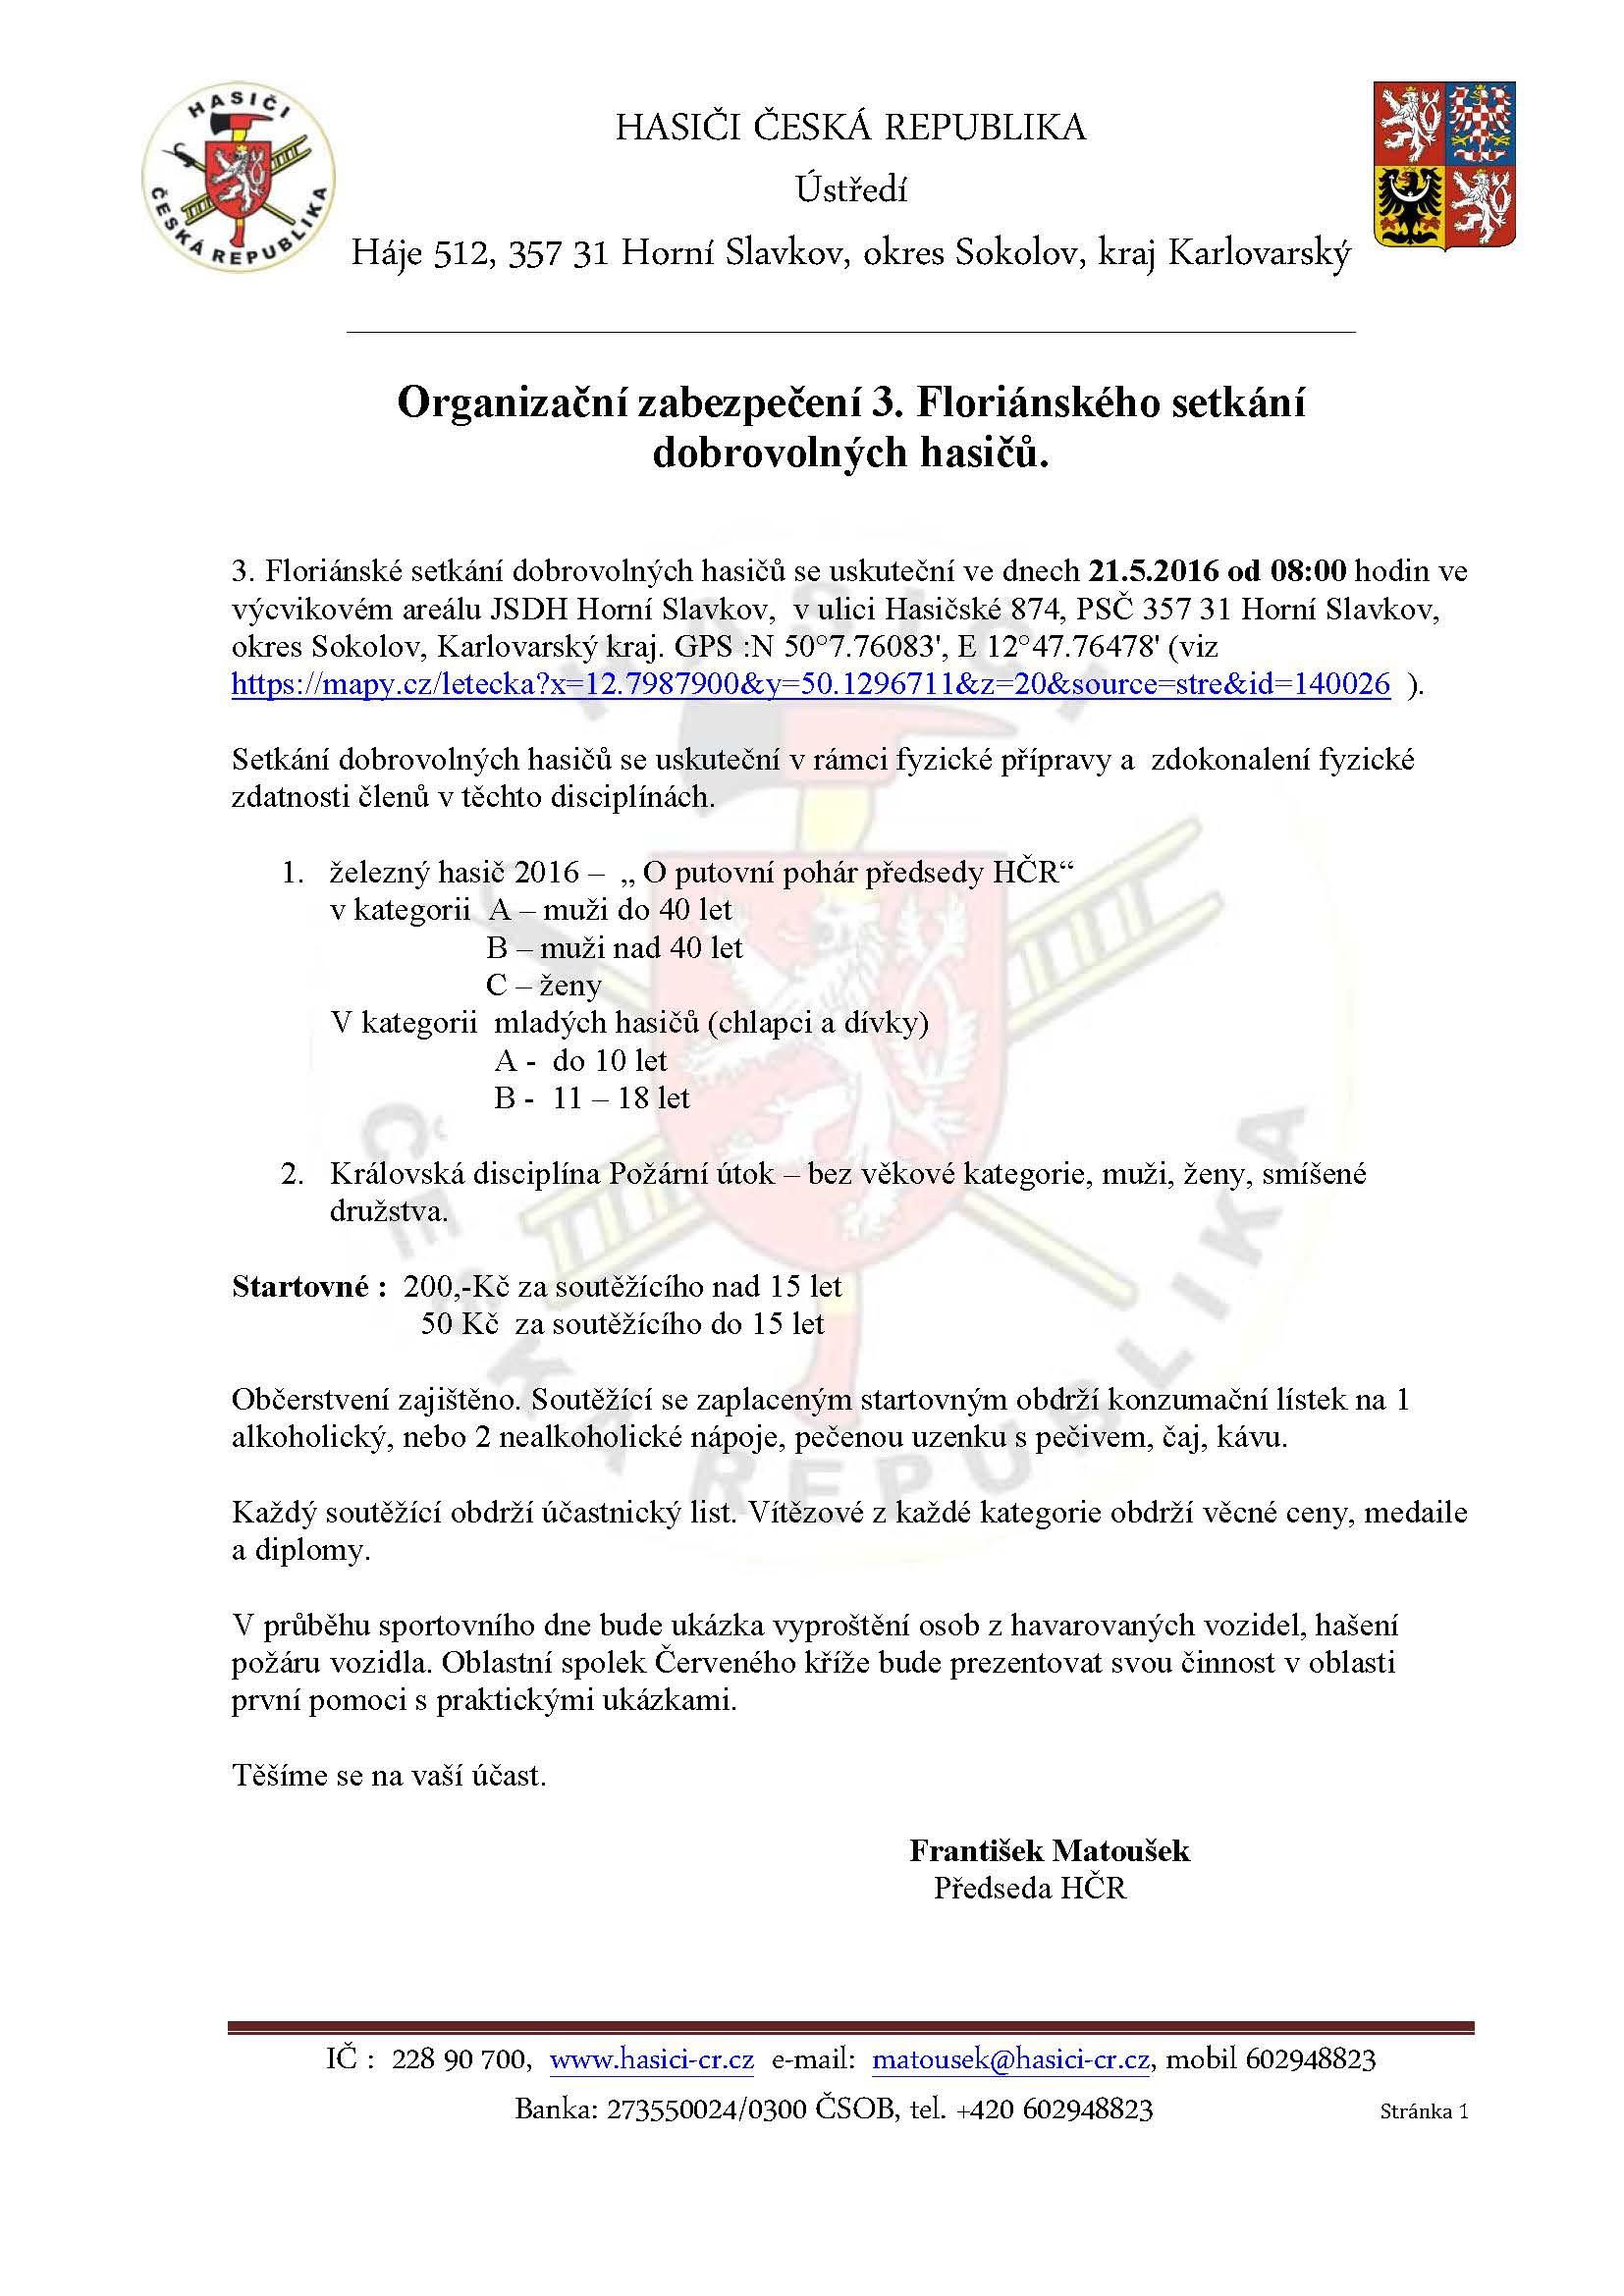 organizační zabezpečení 2016_Stránka_1